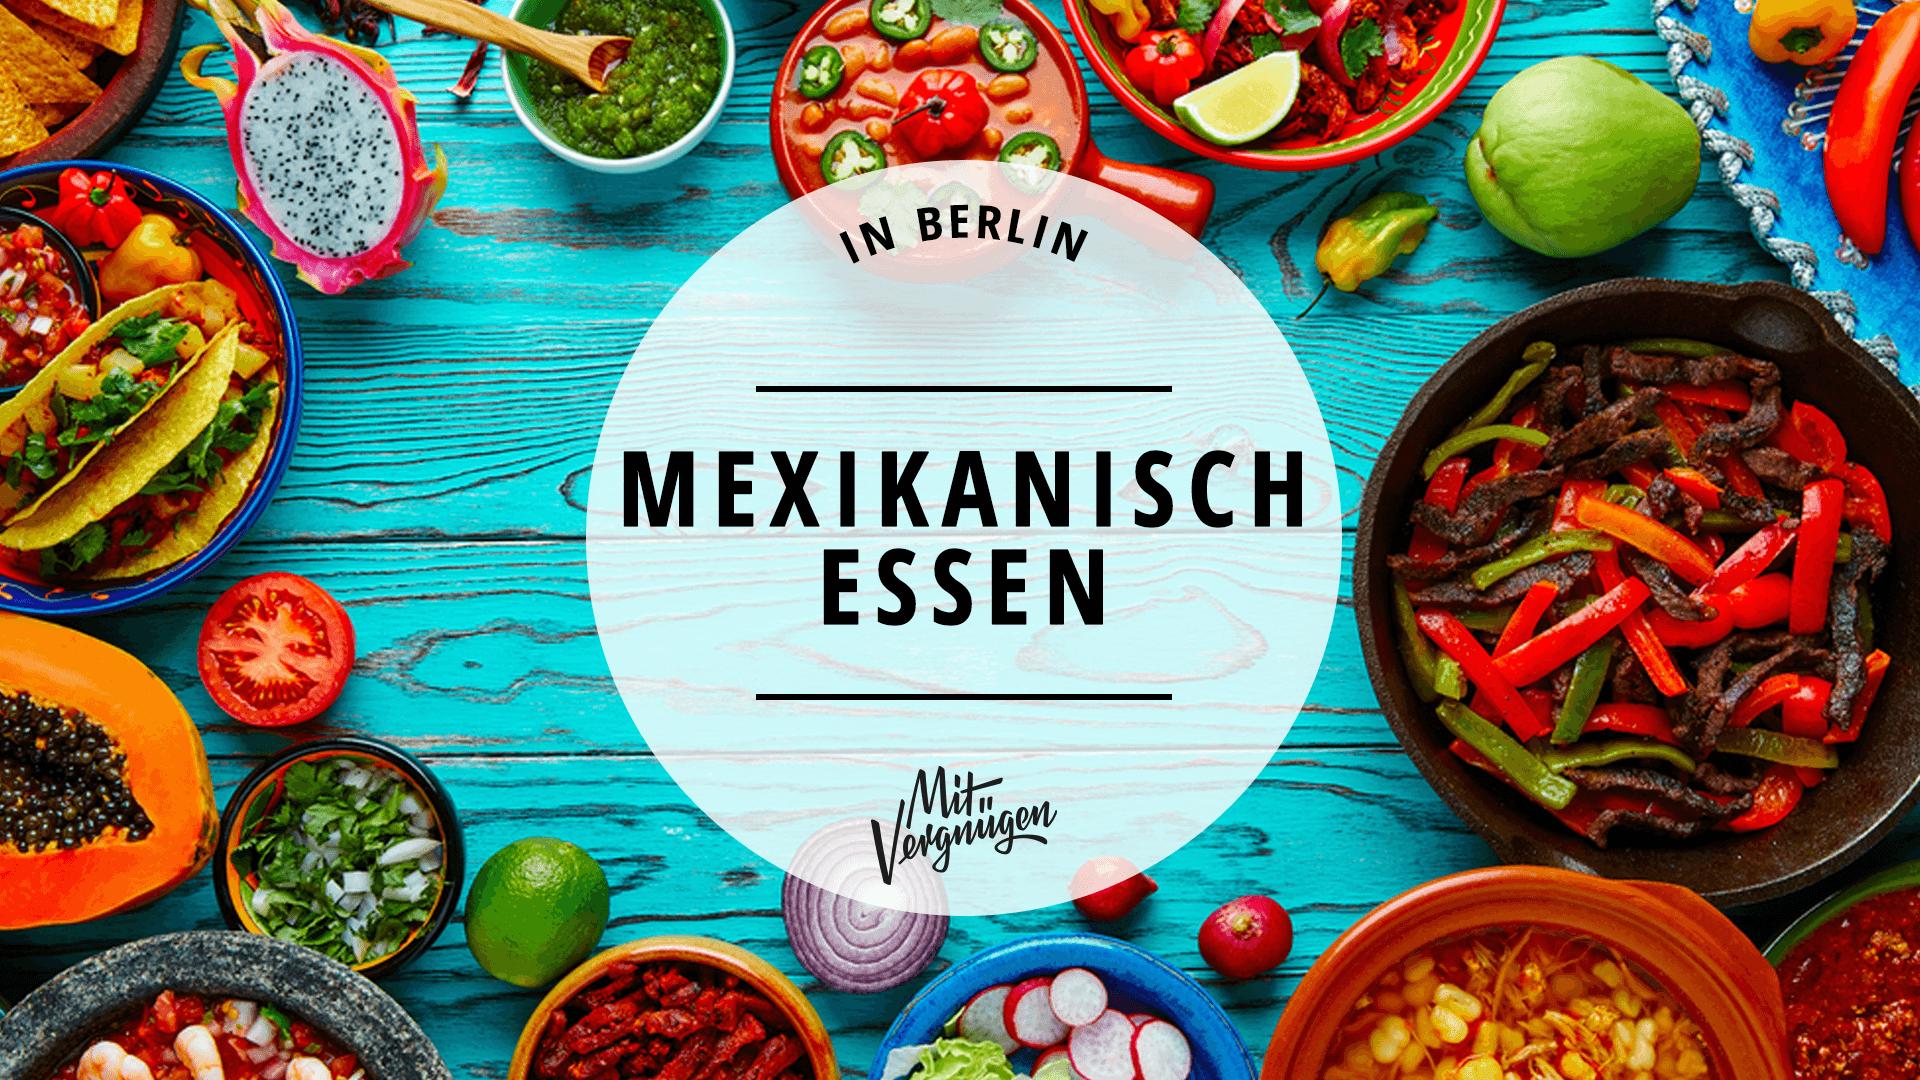 10 Orte mit mexikanischem Essen in Berlin, die ihr probieren müsst